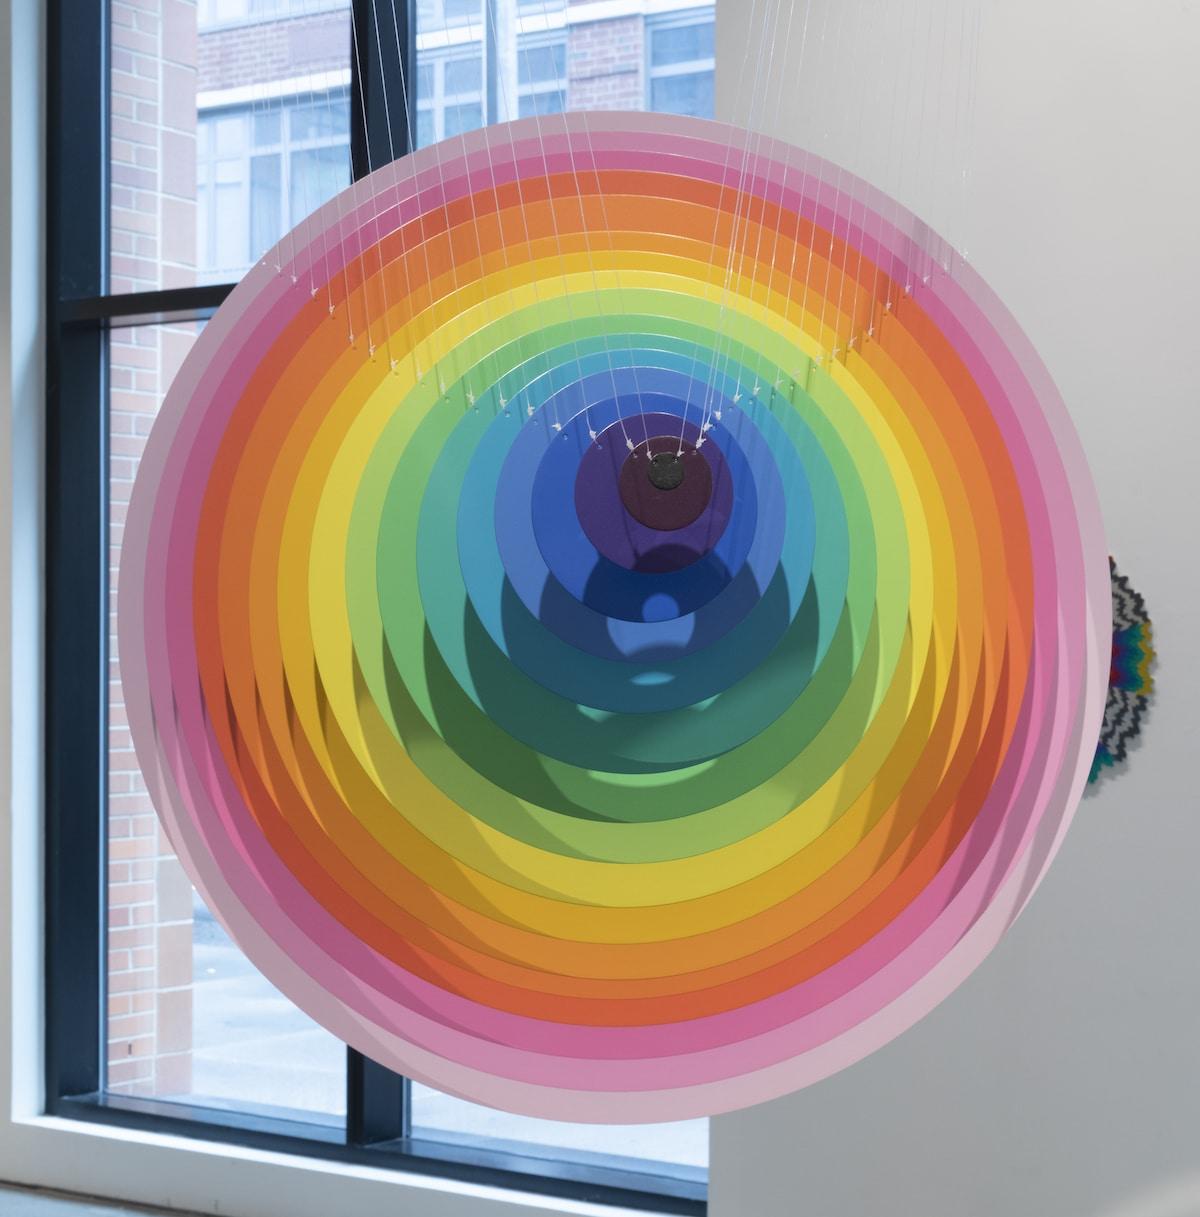 Obra de arte de colores por Jen Stark